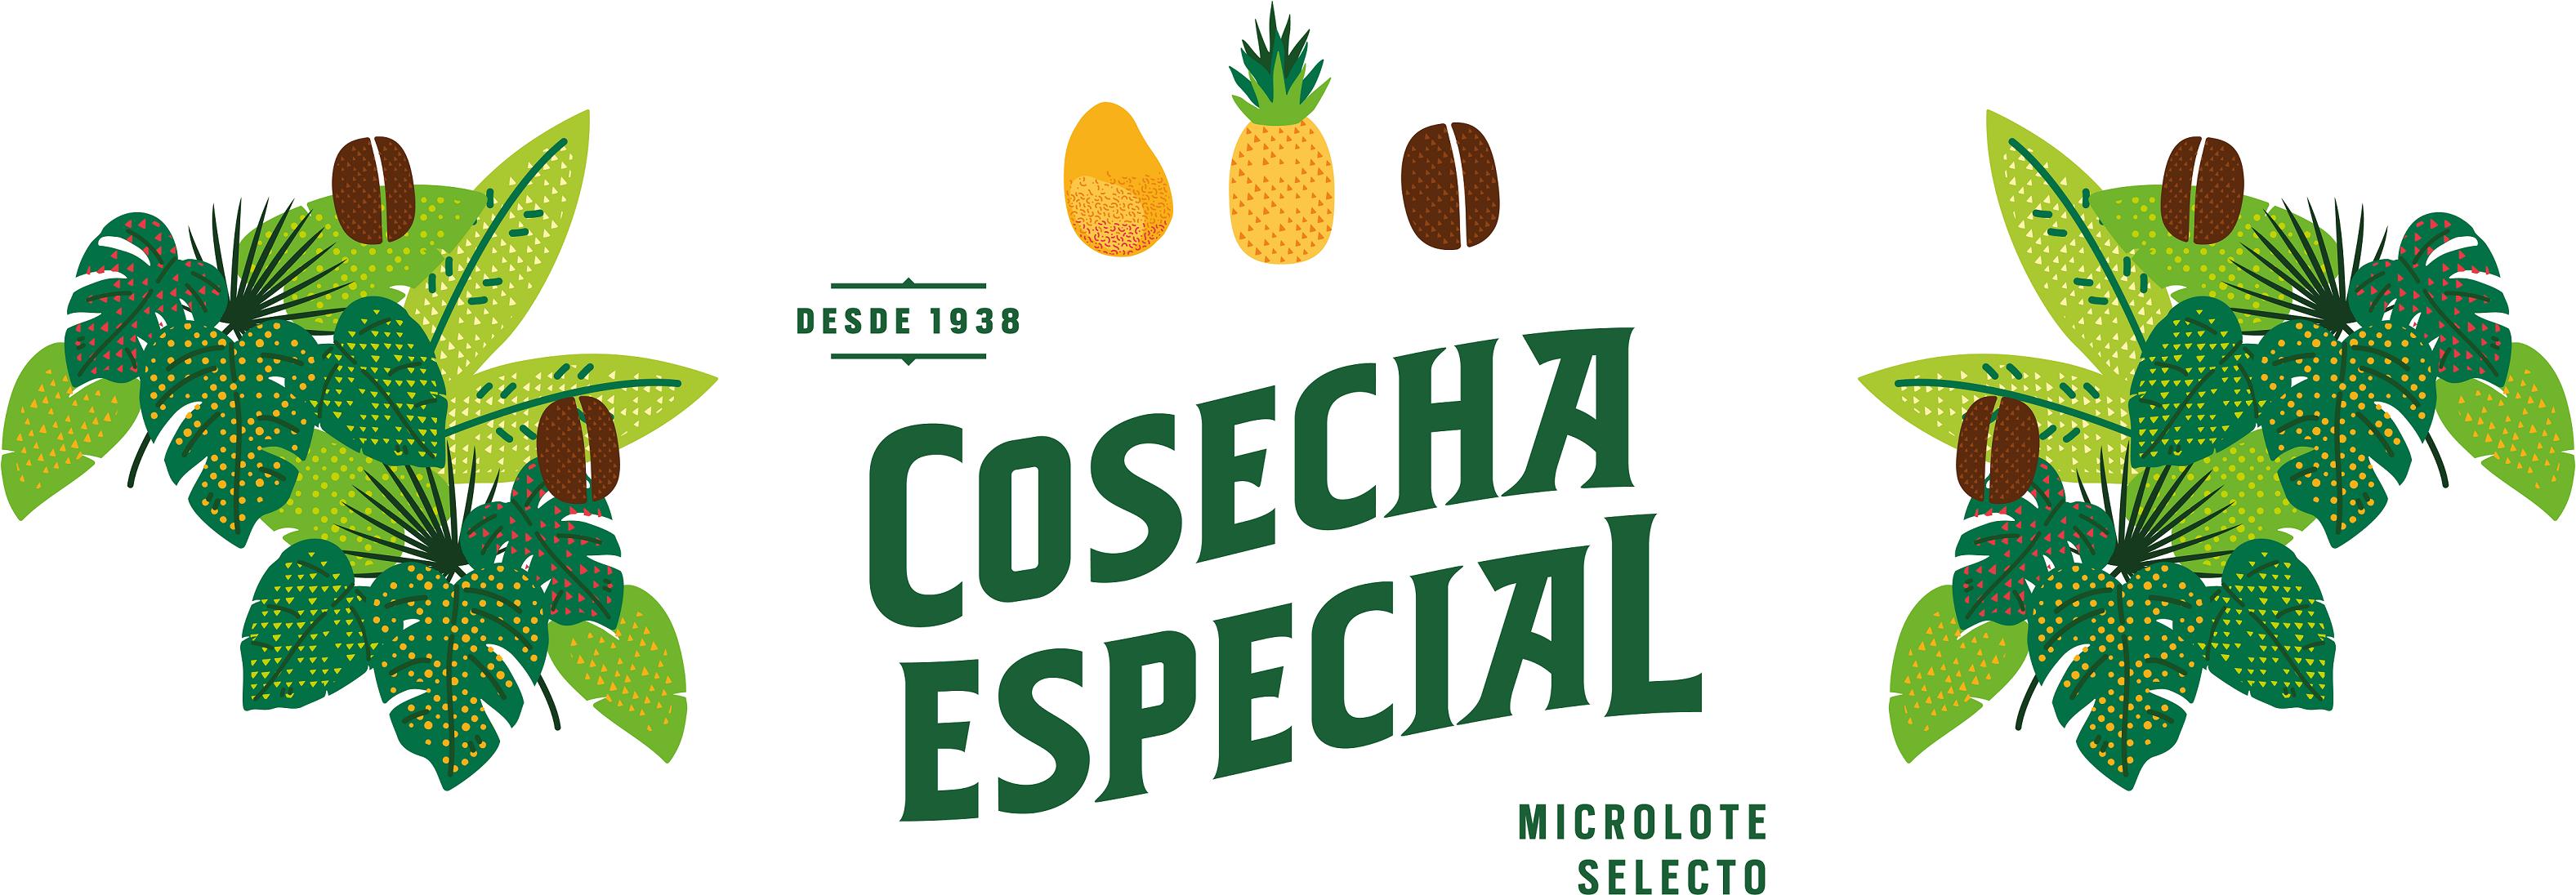 Cosecha Especial Assets-01